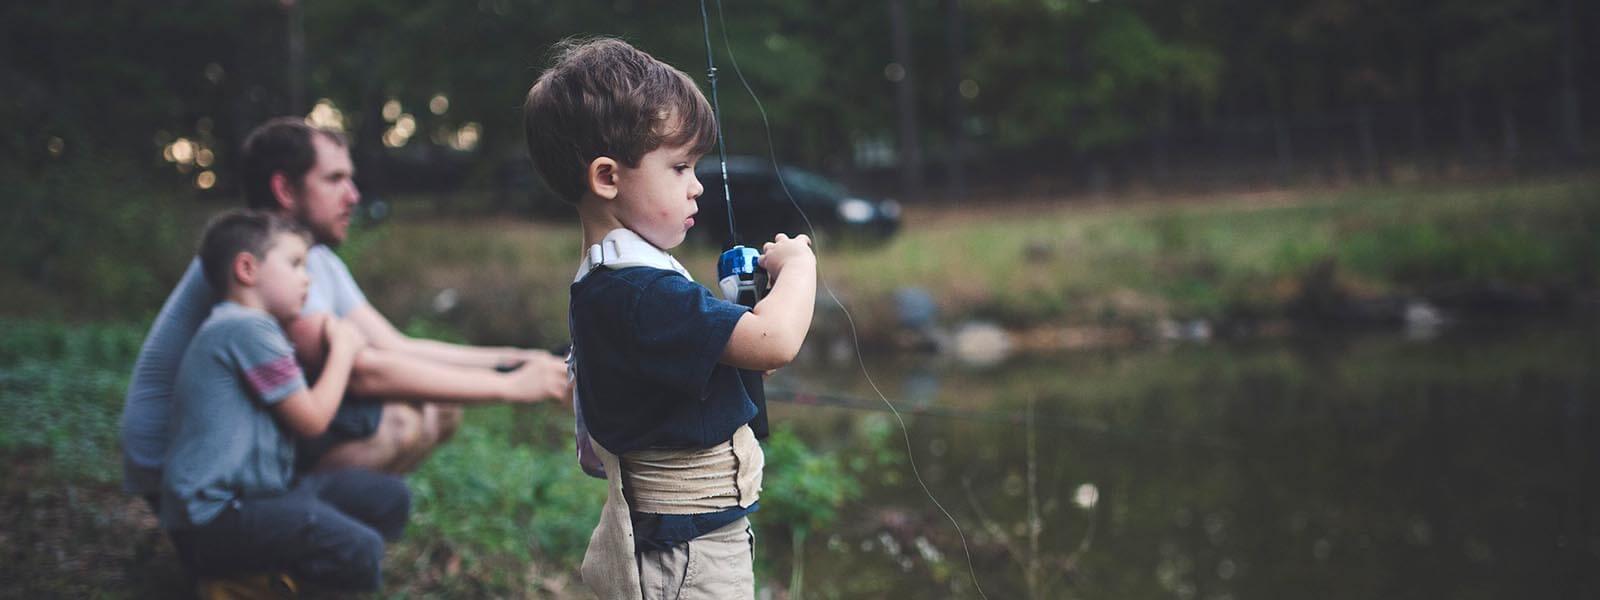 スピンキャストリールで釣りを楽しむ子ども